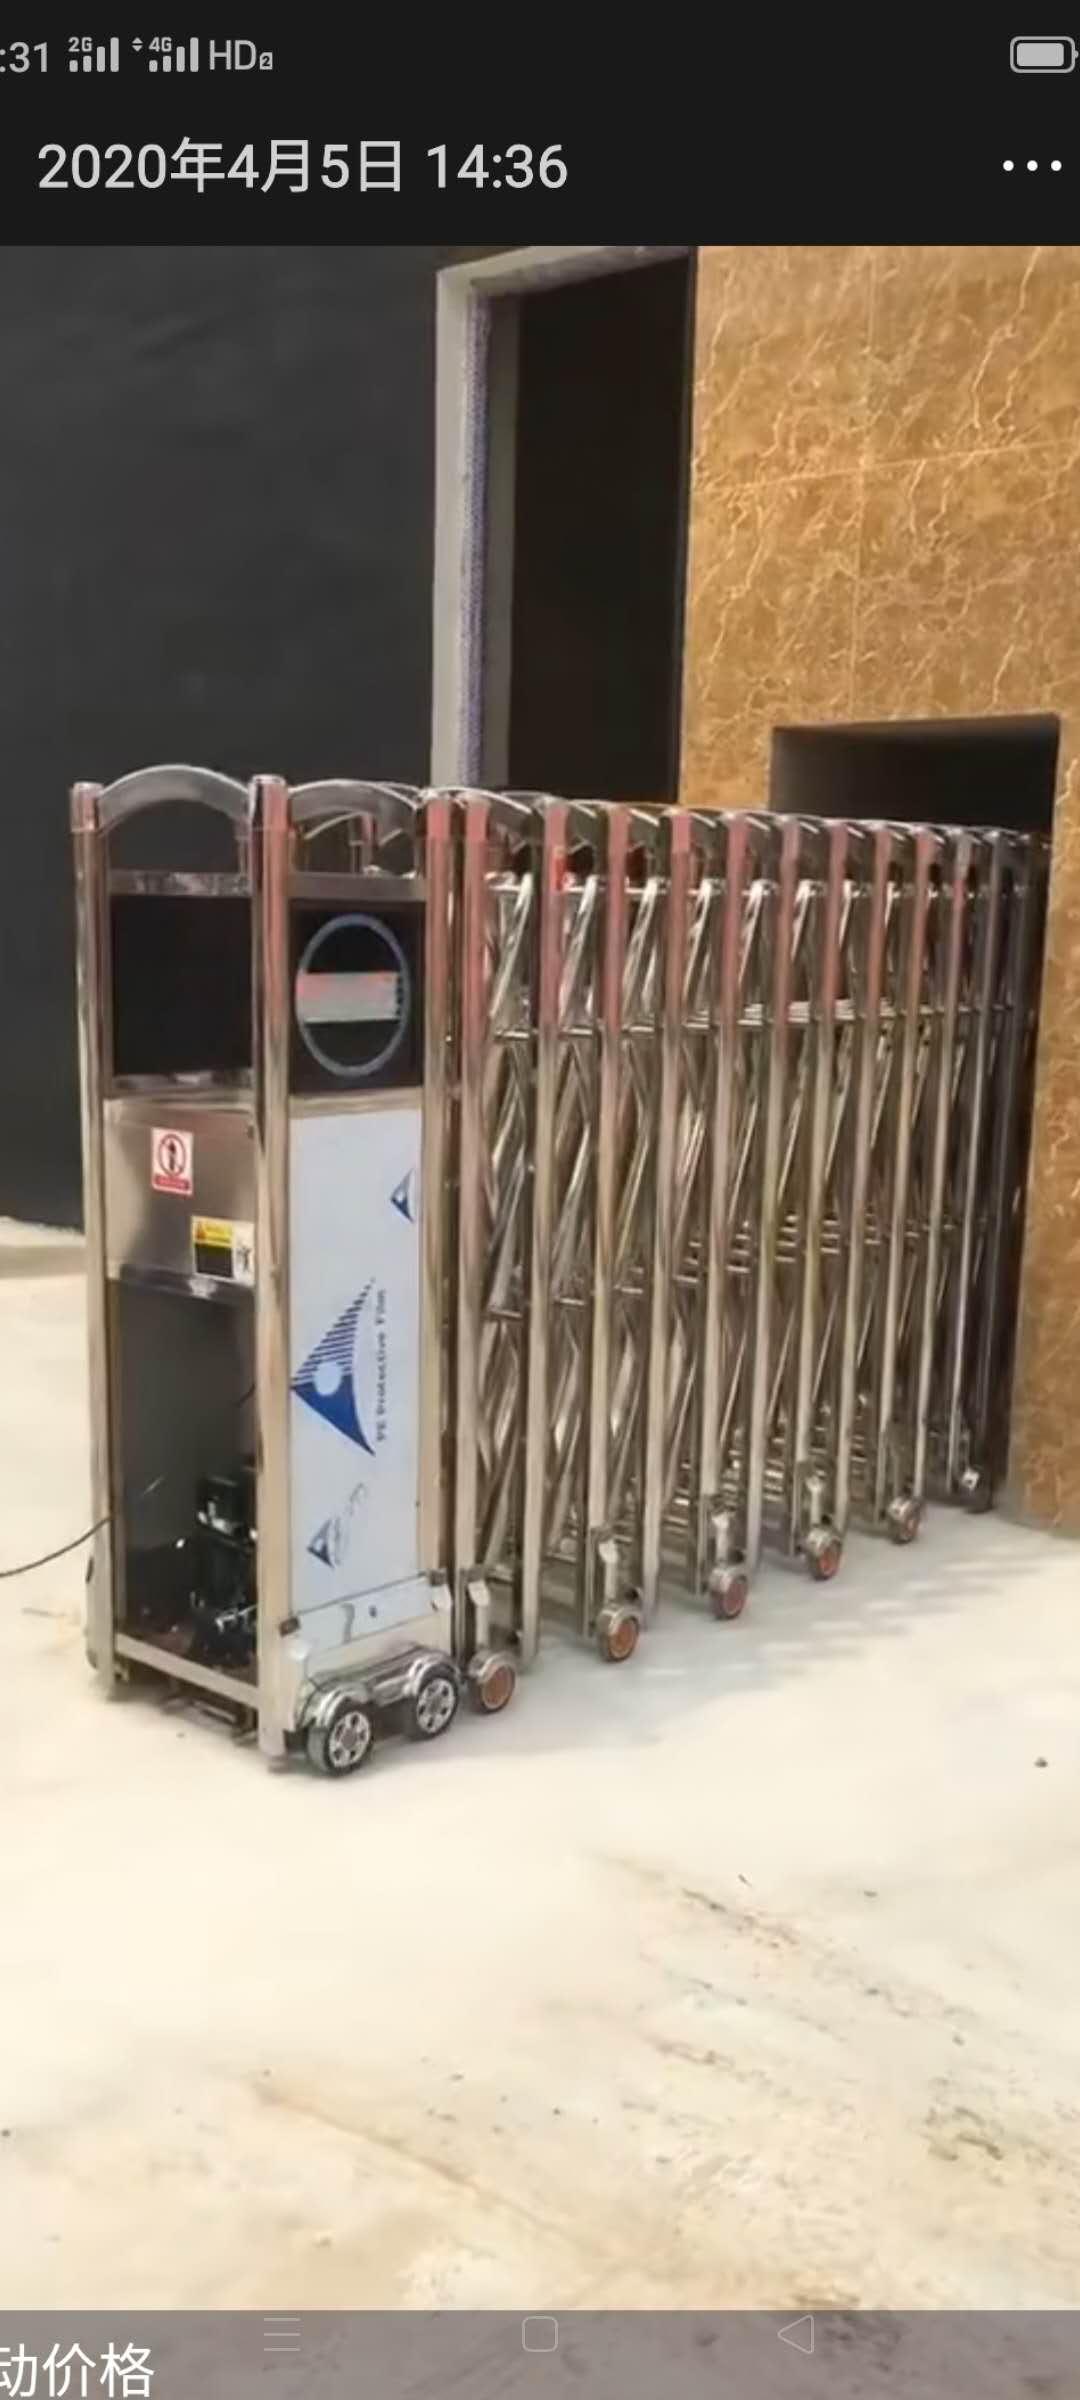 伸缩门安装案例 电动伸缩门安装技巧及规范